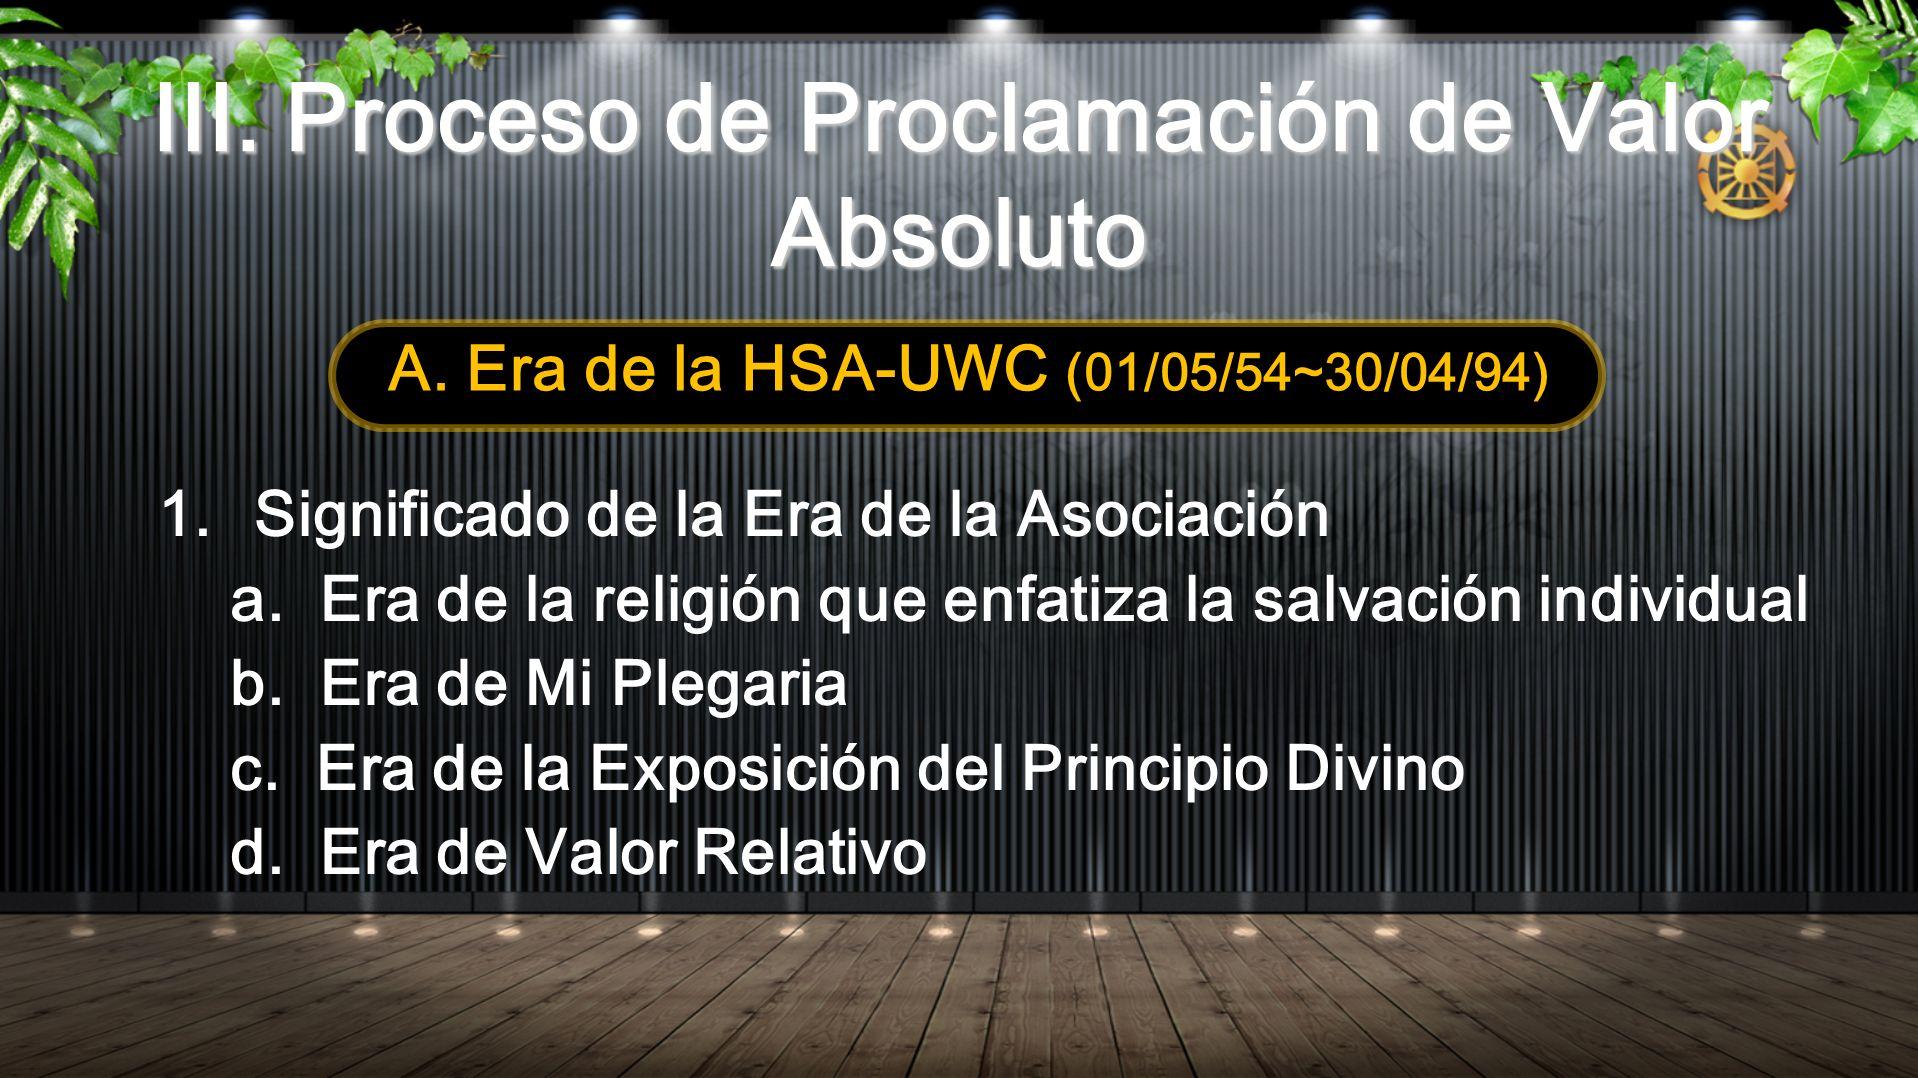 III. Proceso de Proclamación de Valor Absoluto